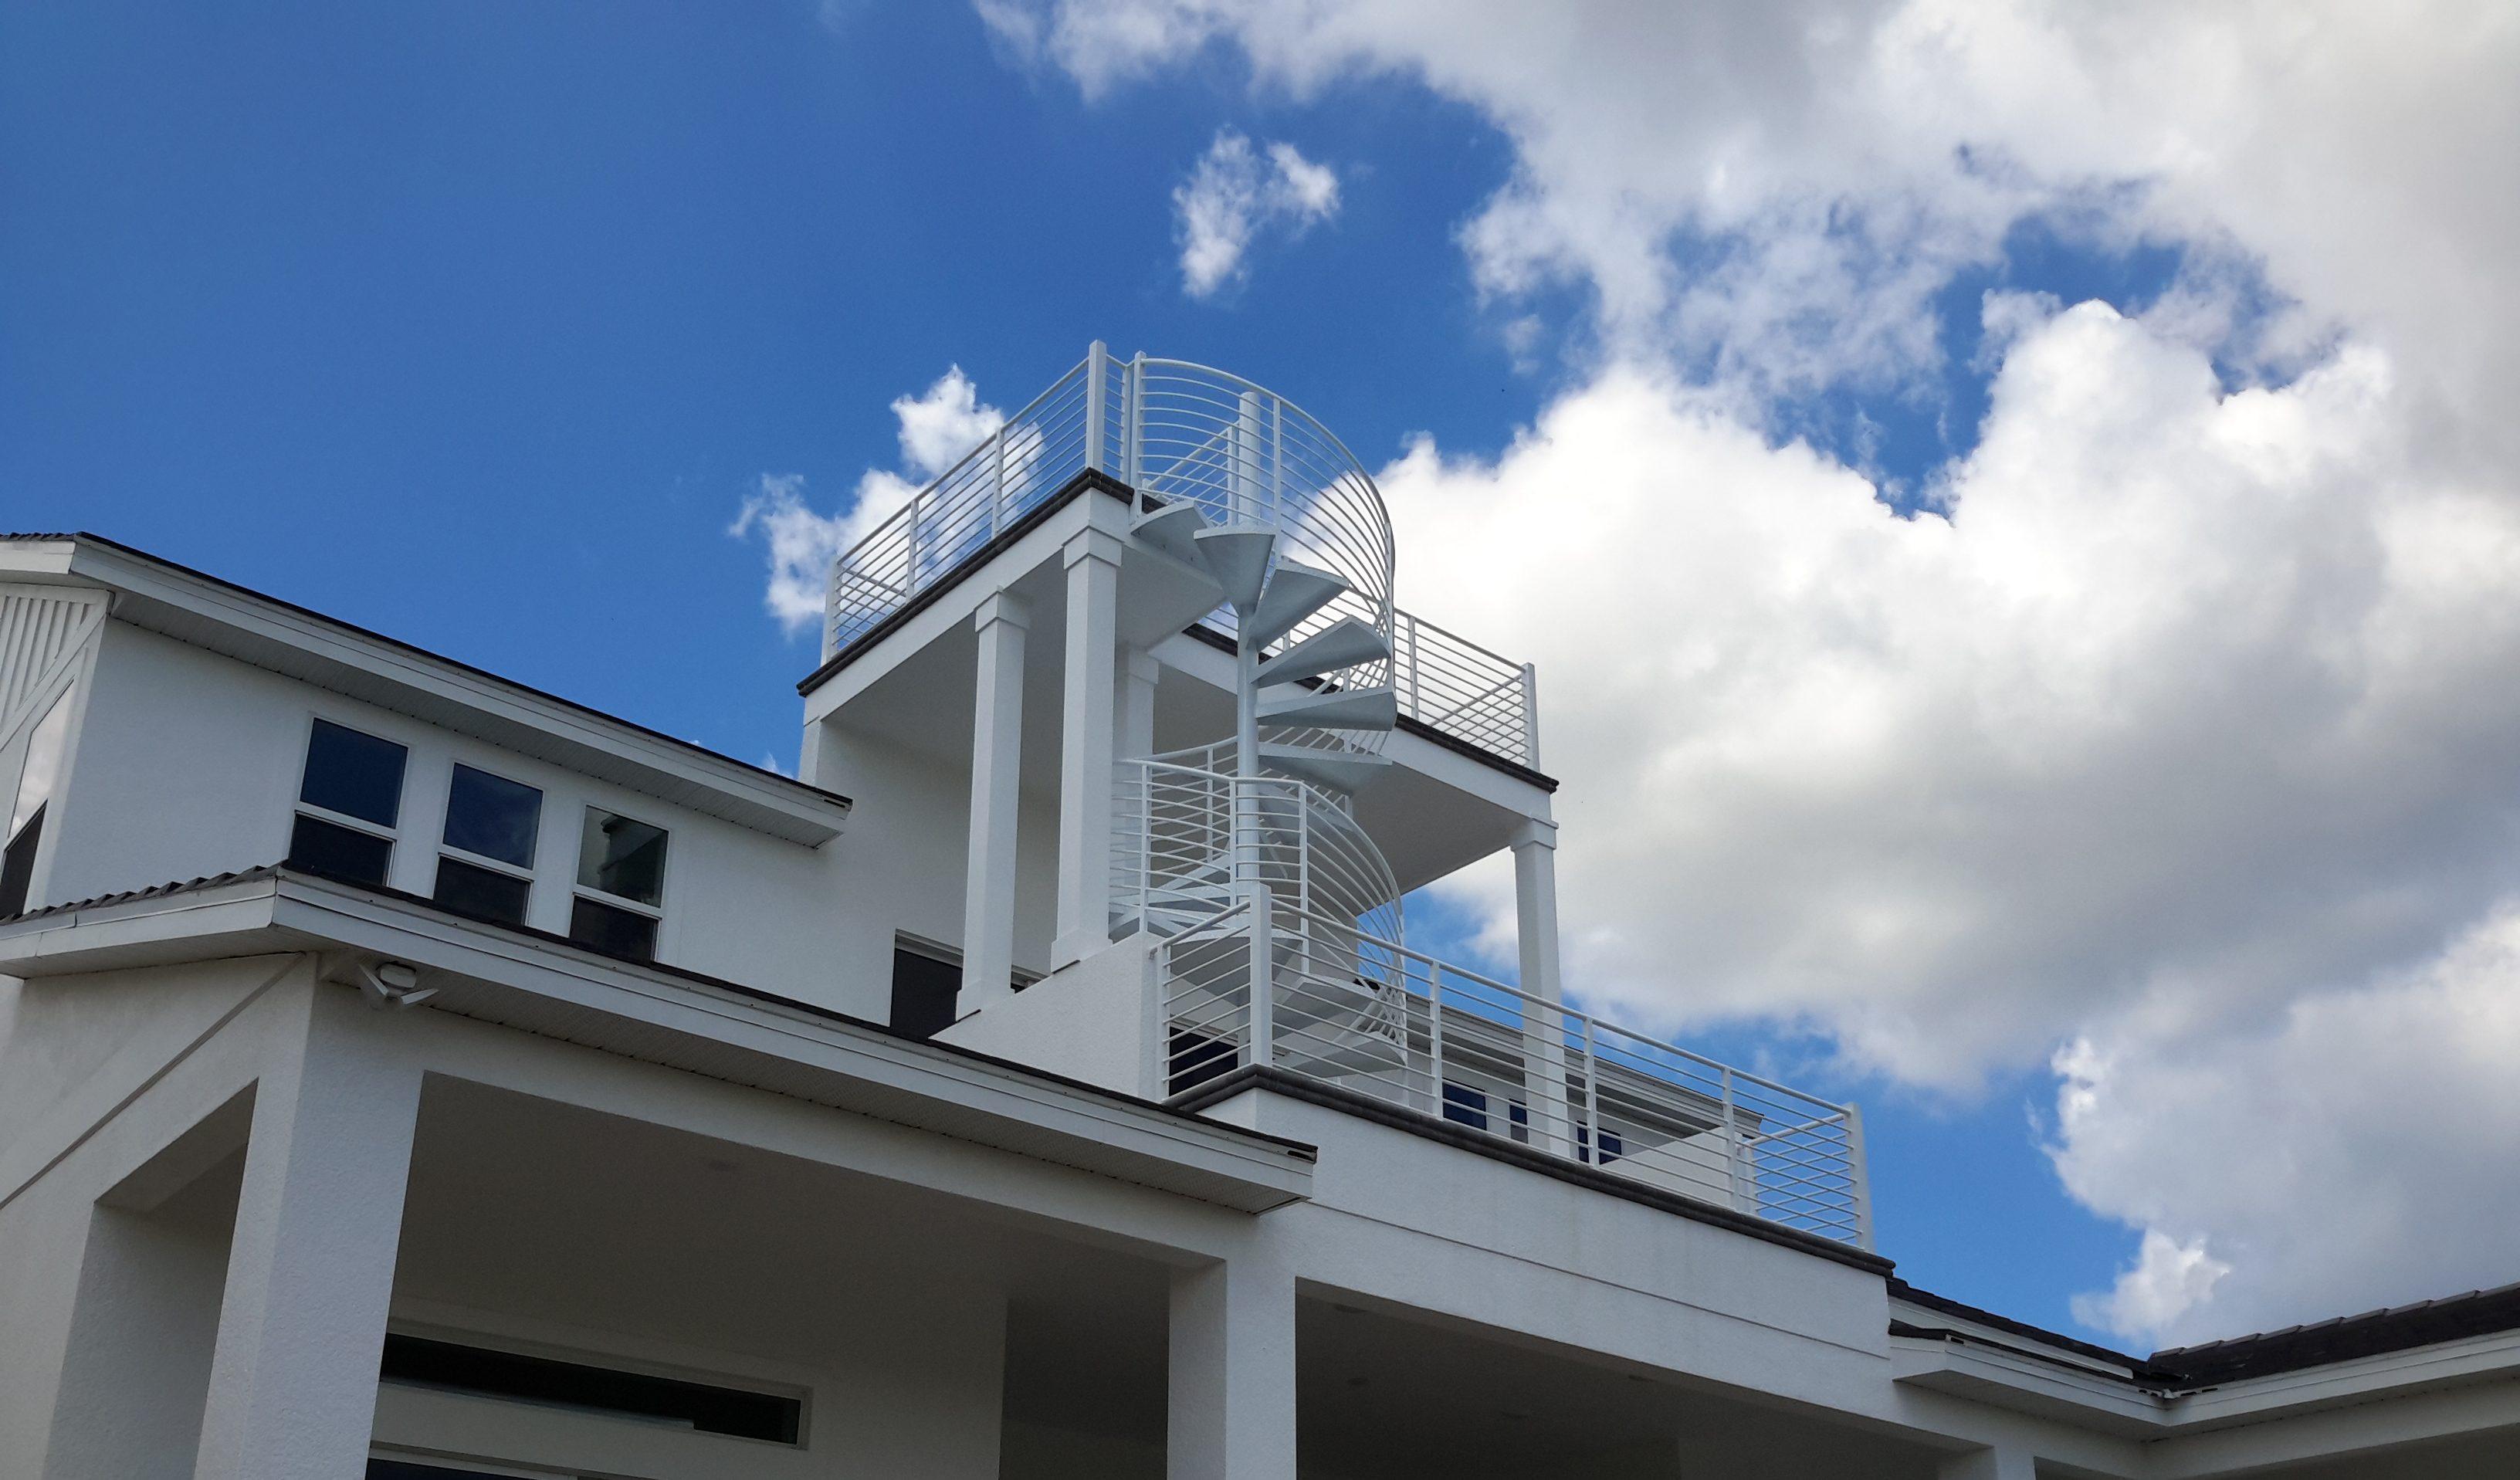 Argentum-Welding-spiral-stairs-2-e1568380634268